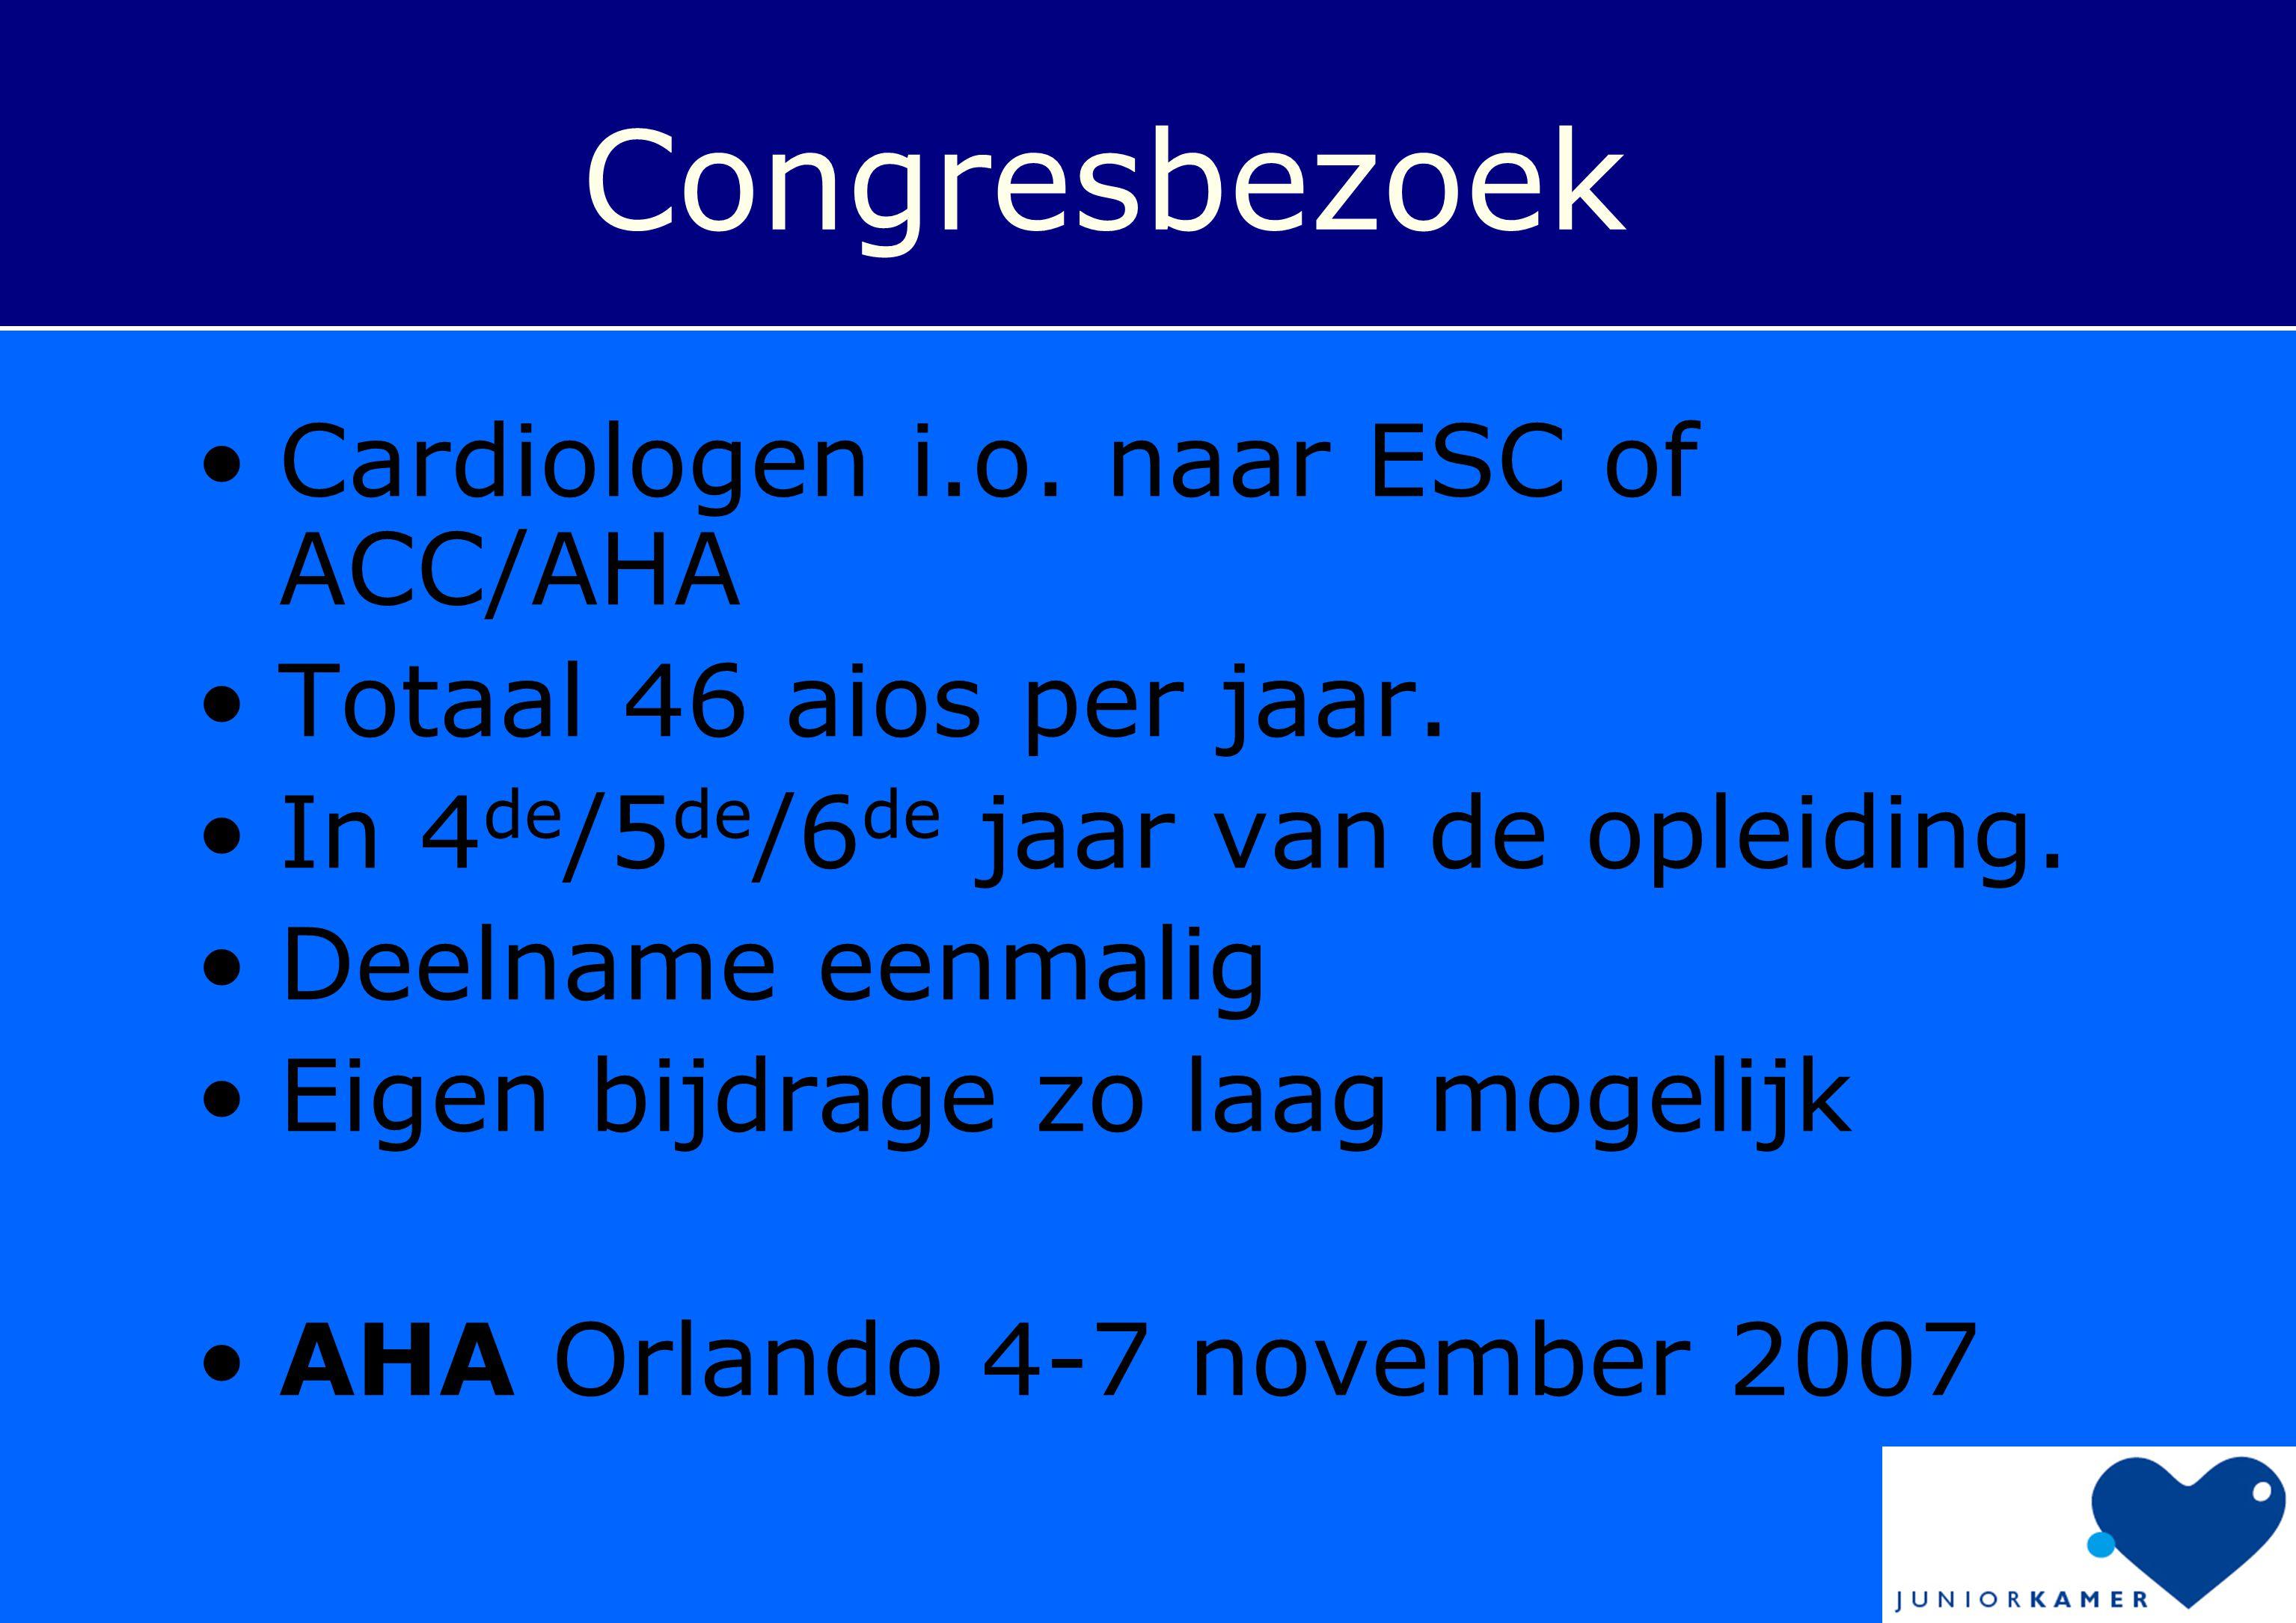 Congresbezoek •Cardiologen i.o. naar ESC of ACC/AHA •Totaal 46 aios per jaar. •In 4 de /5 de /6 de jaar van de opleiding. •Deelname eenmalig •Eigen bi